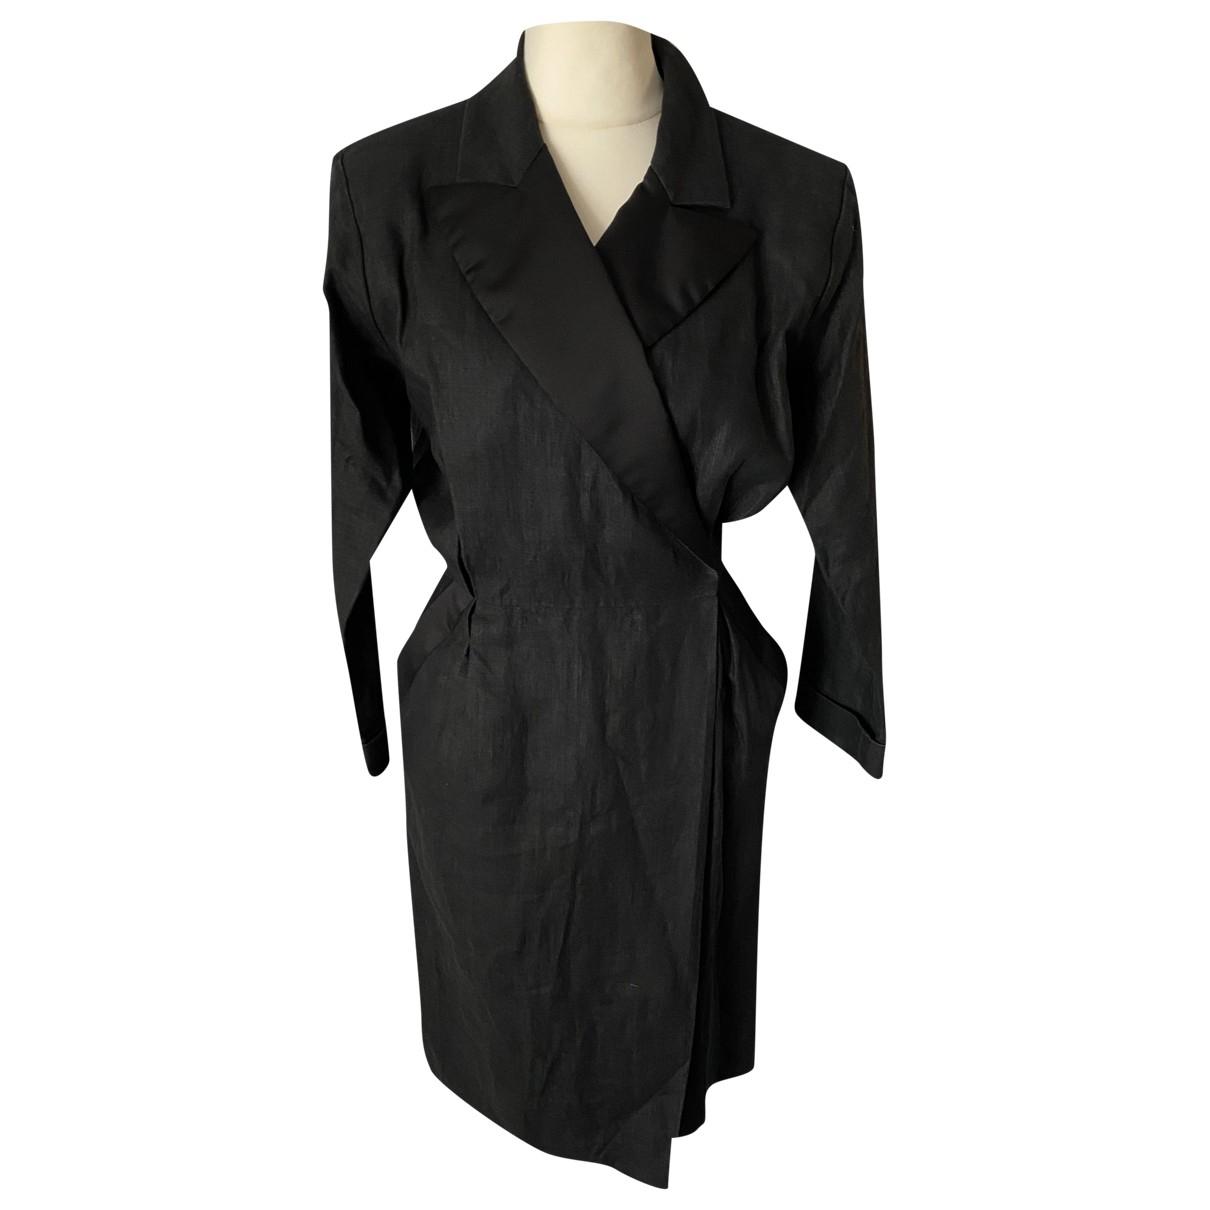 Yves Saint Laurent \N Black Linen dress for Women 42 IT